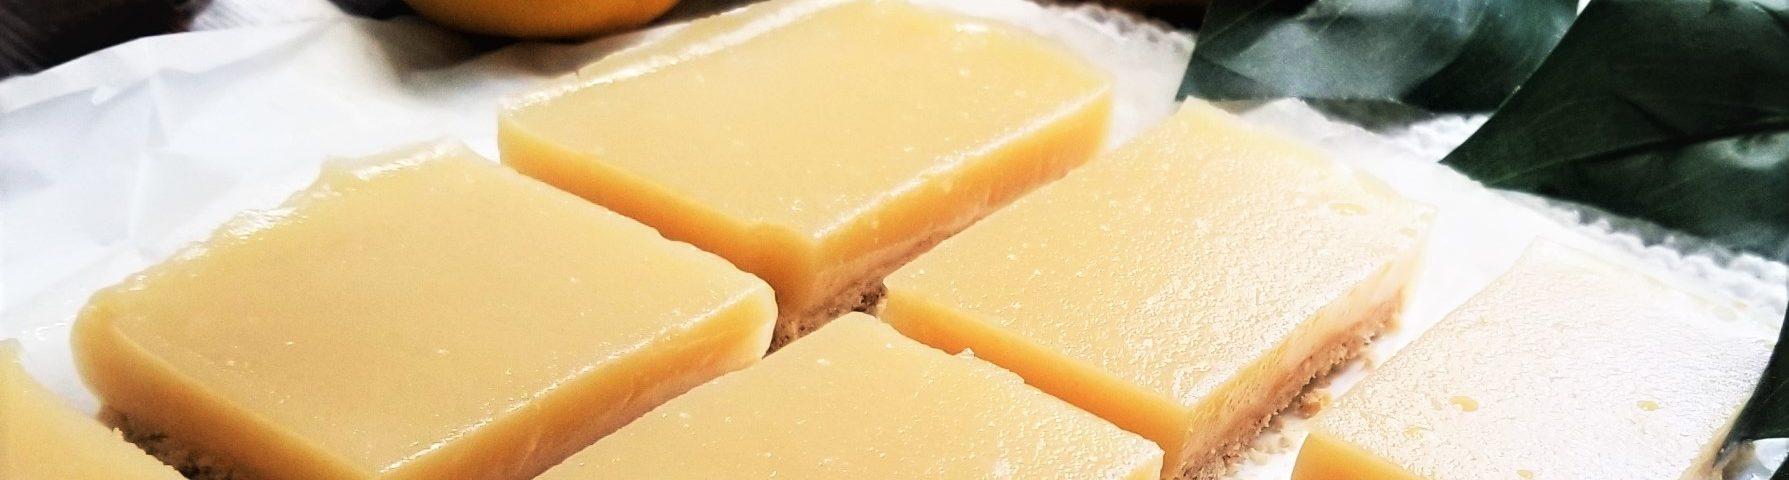 Lemon Squares Close Up